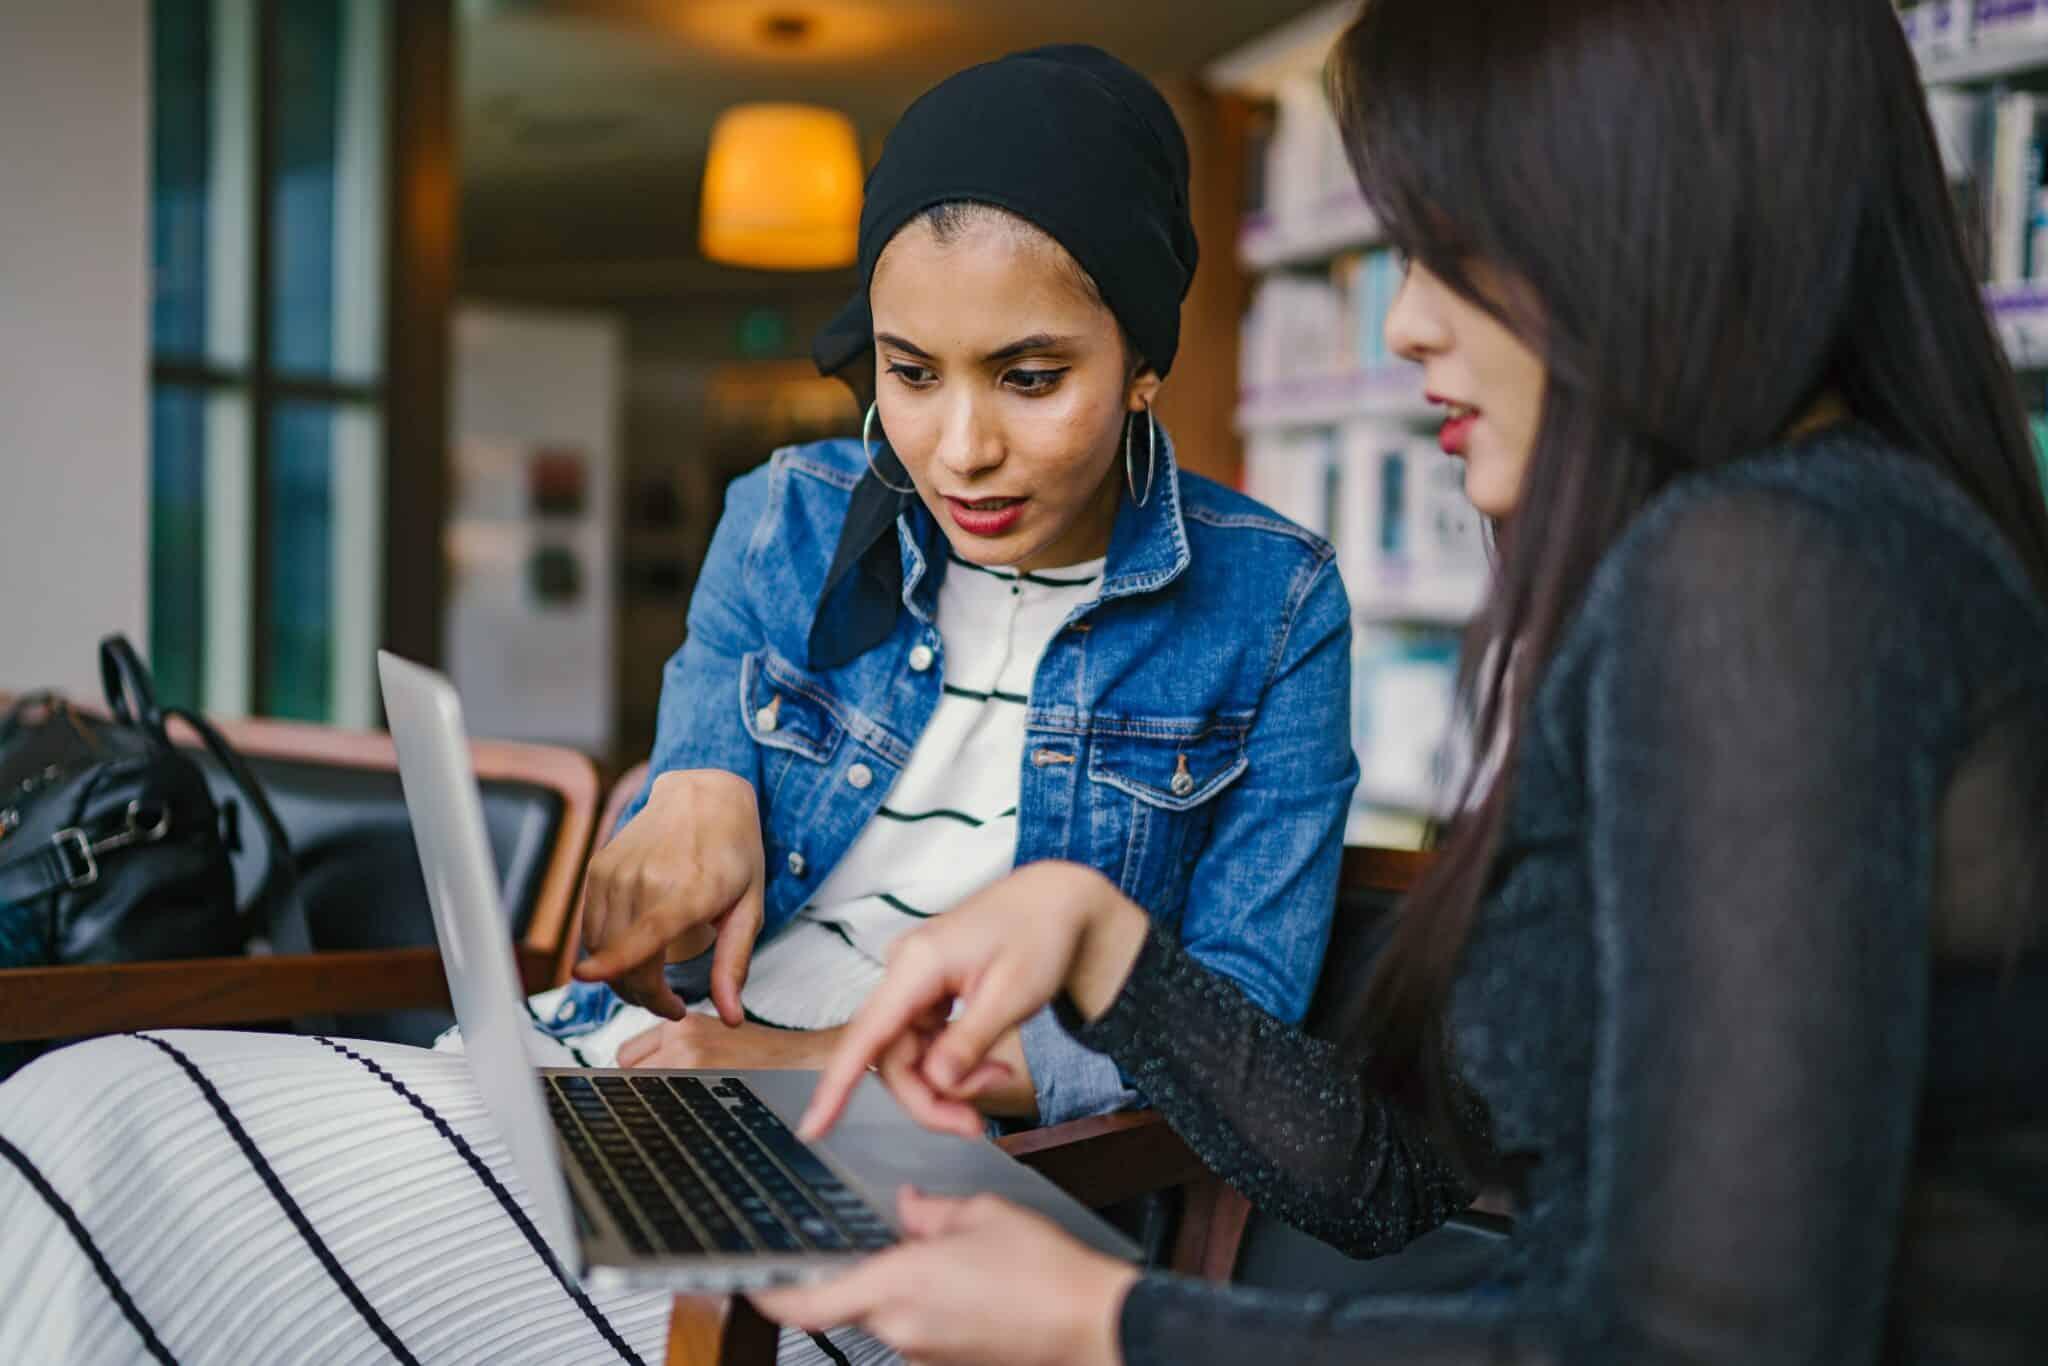 deux femmes occupées devant un ordinateur